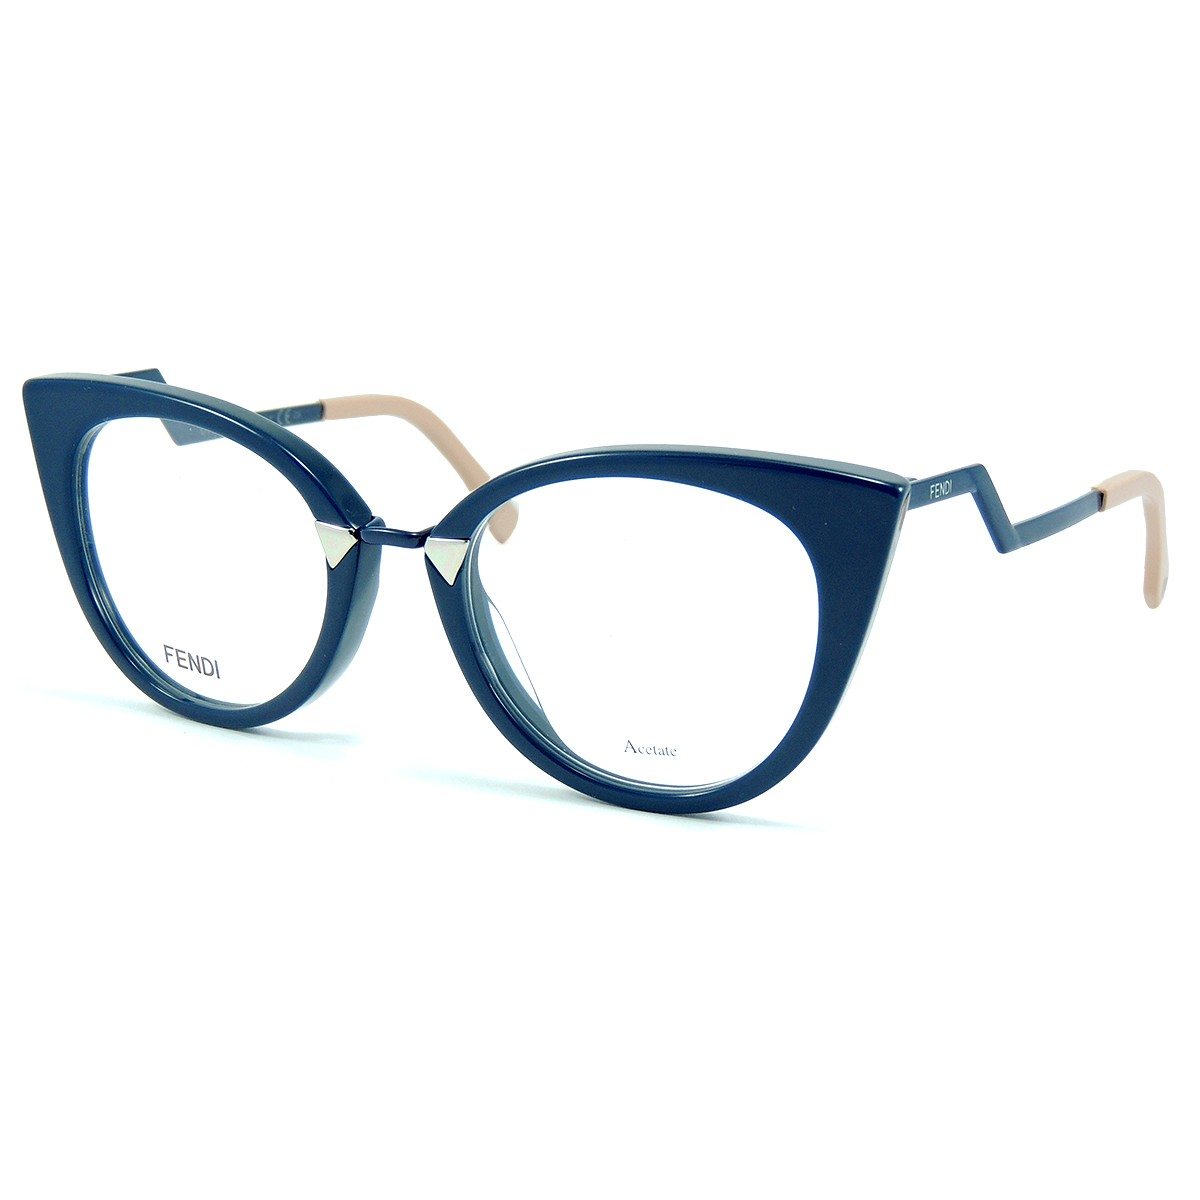 89801448cc8f4 Compre Óculos de Grau Fendi Orchidea em 10X